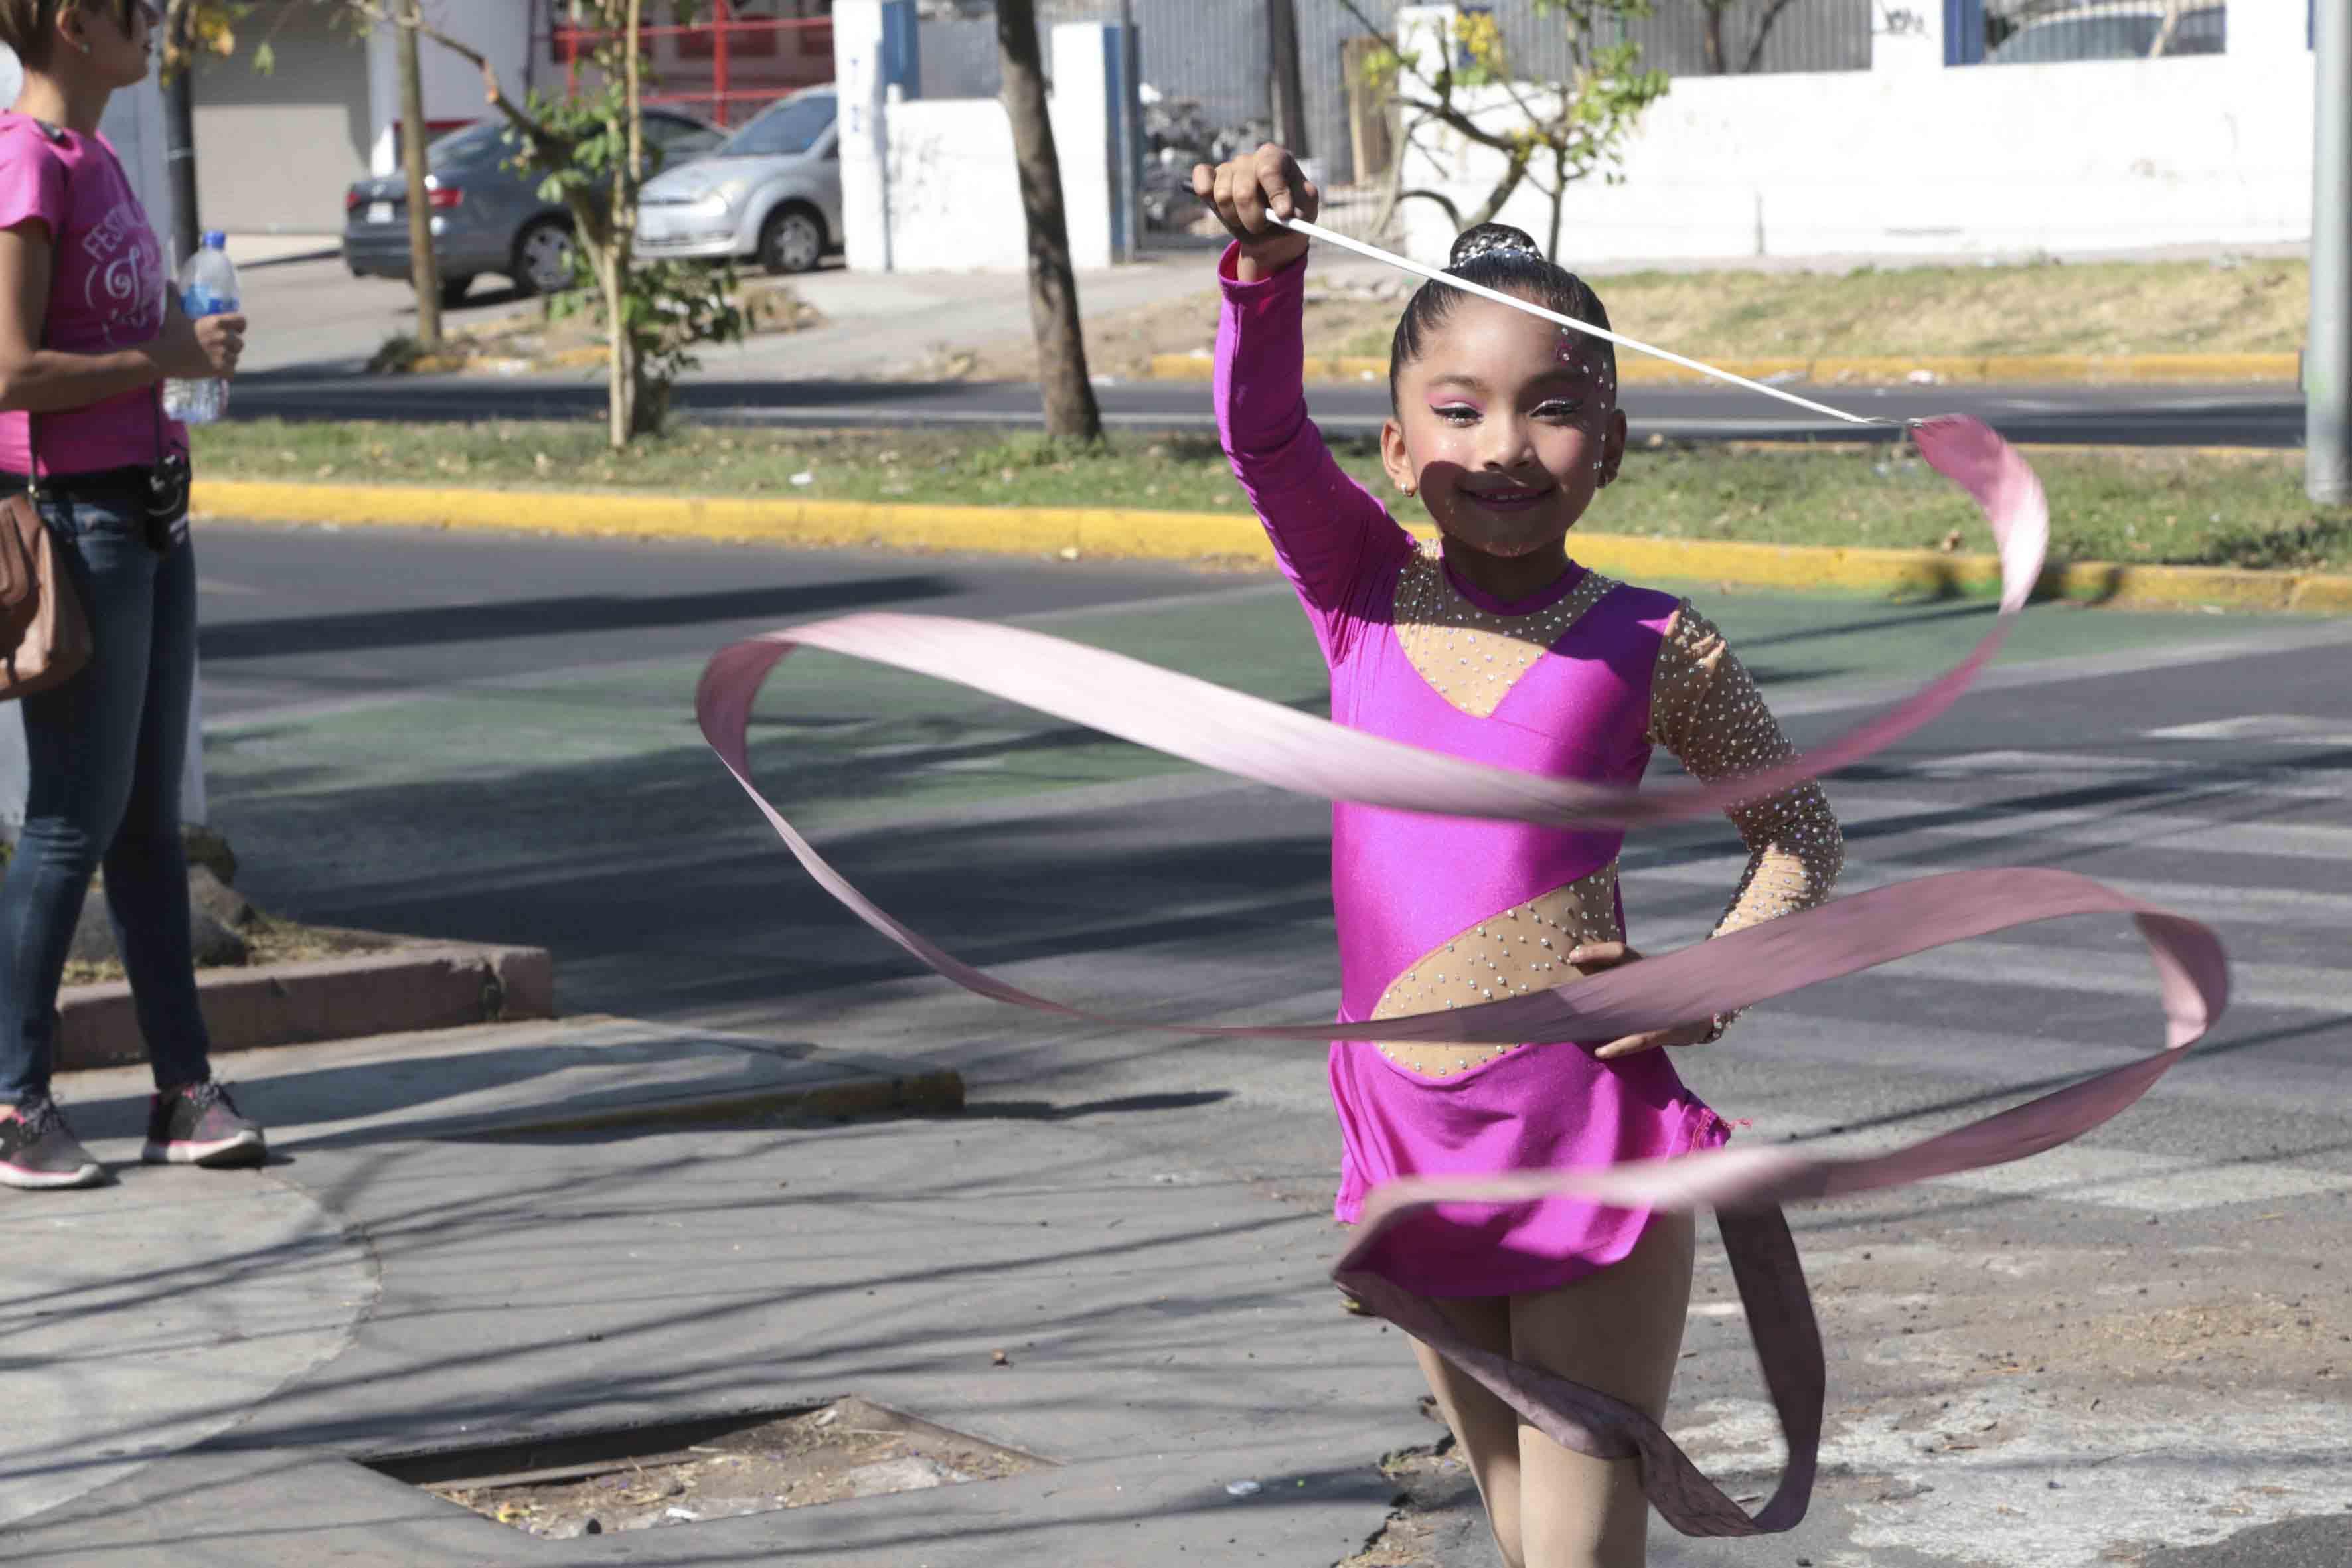 Niña practicando la gimnasia rítmica, durante el desfile del Primer Festival Literario.